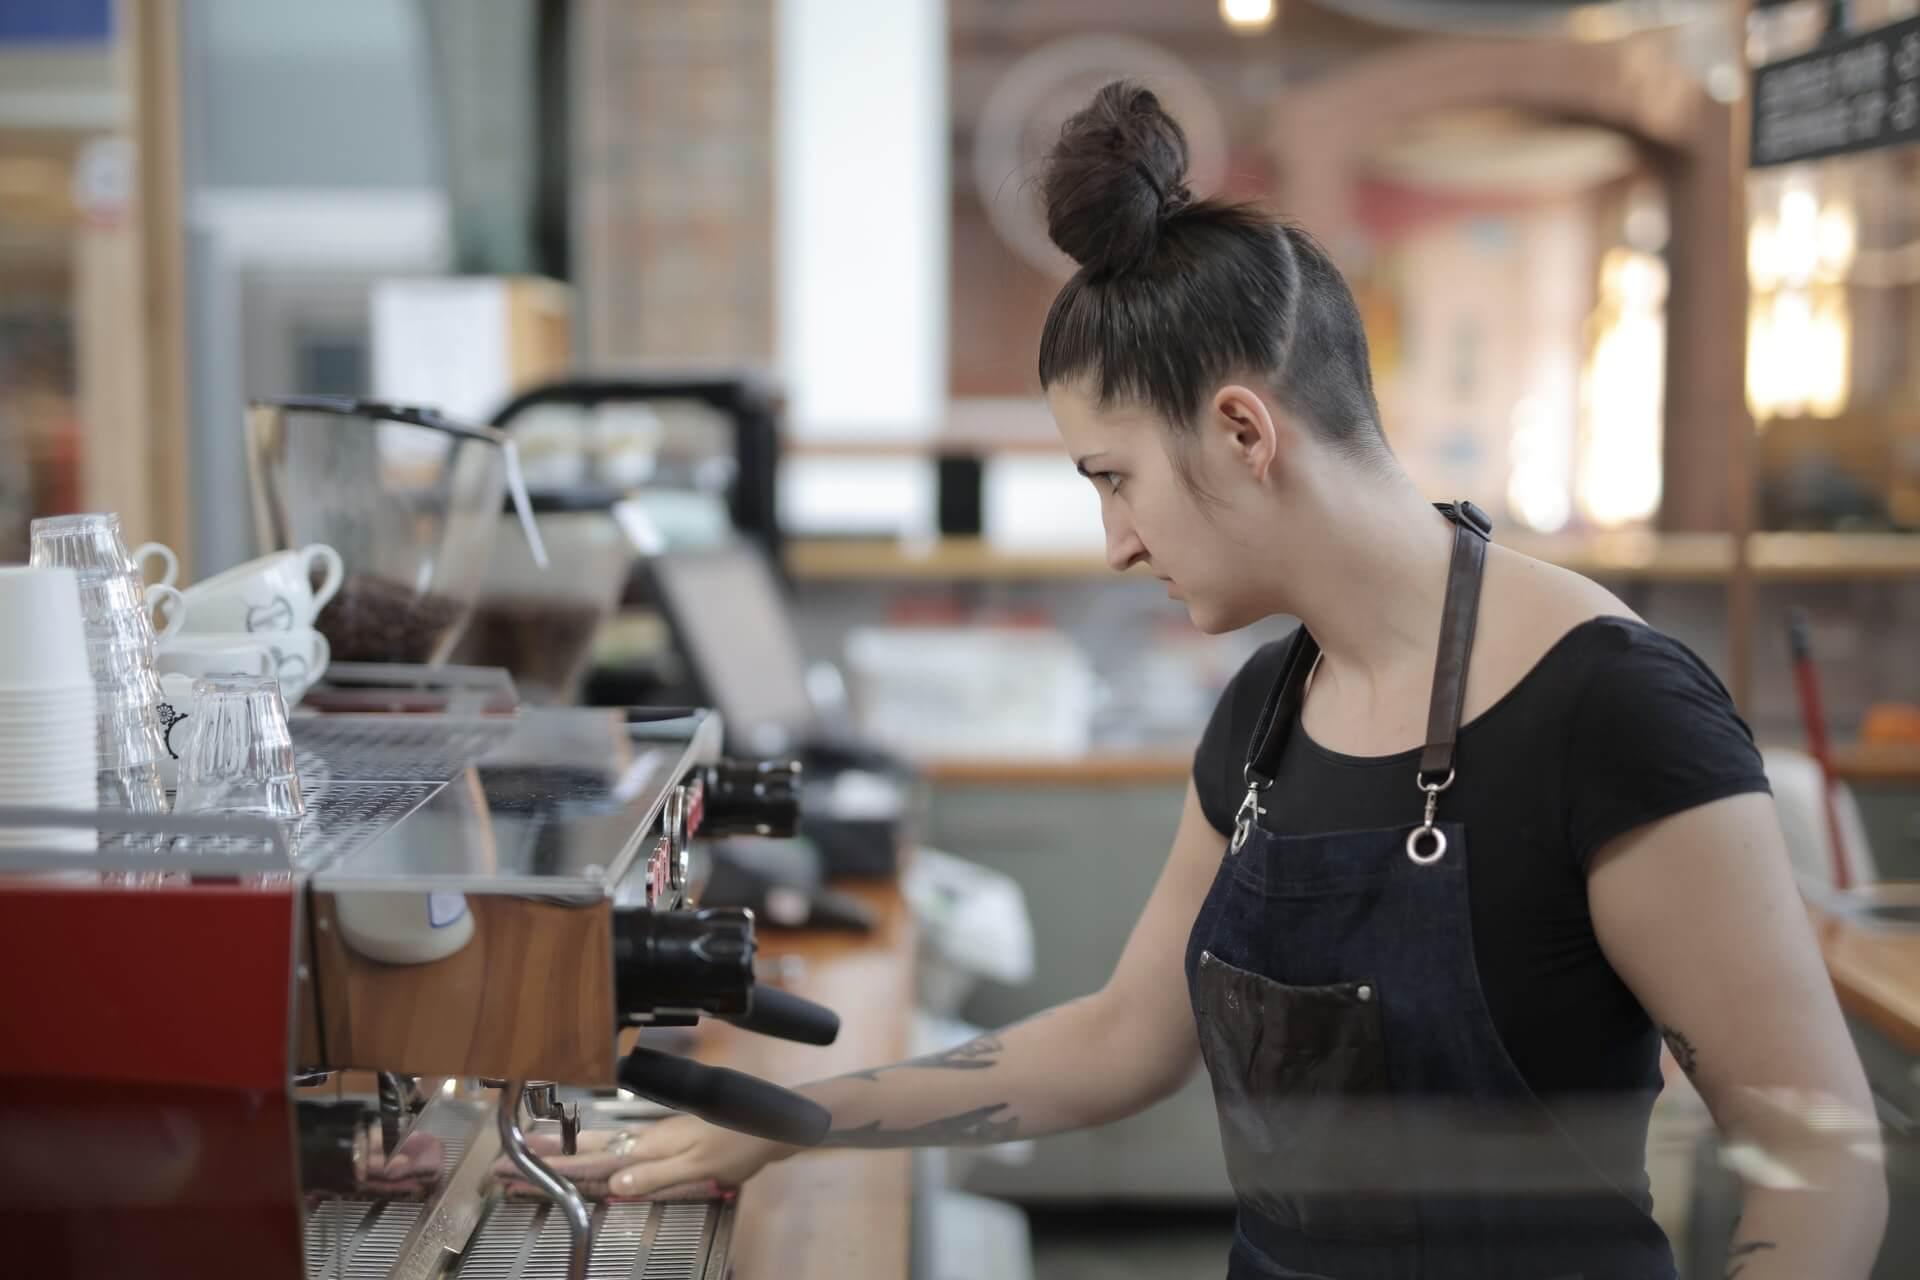 mujer en cafeteria conde seguros